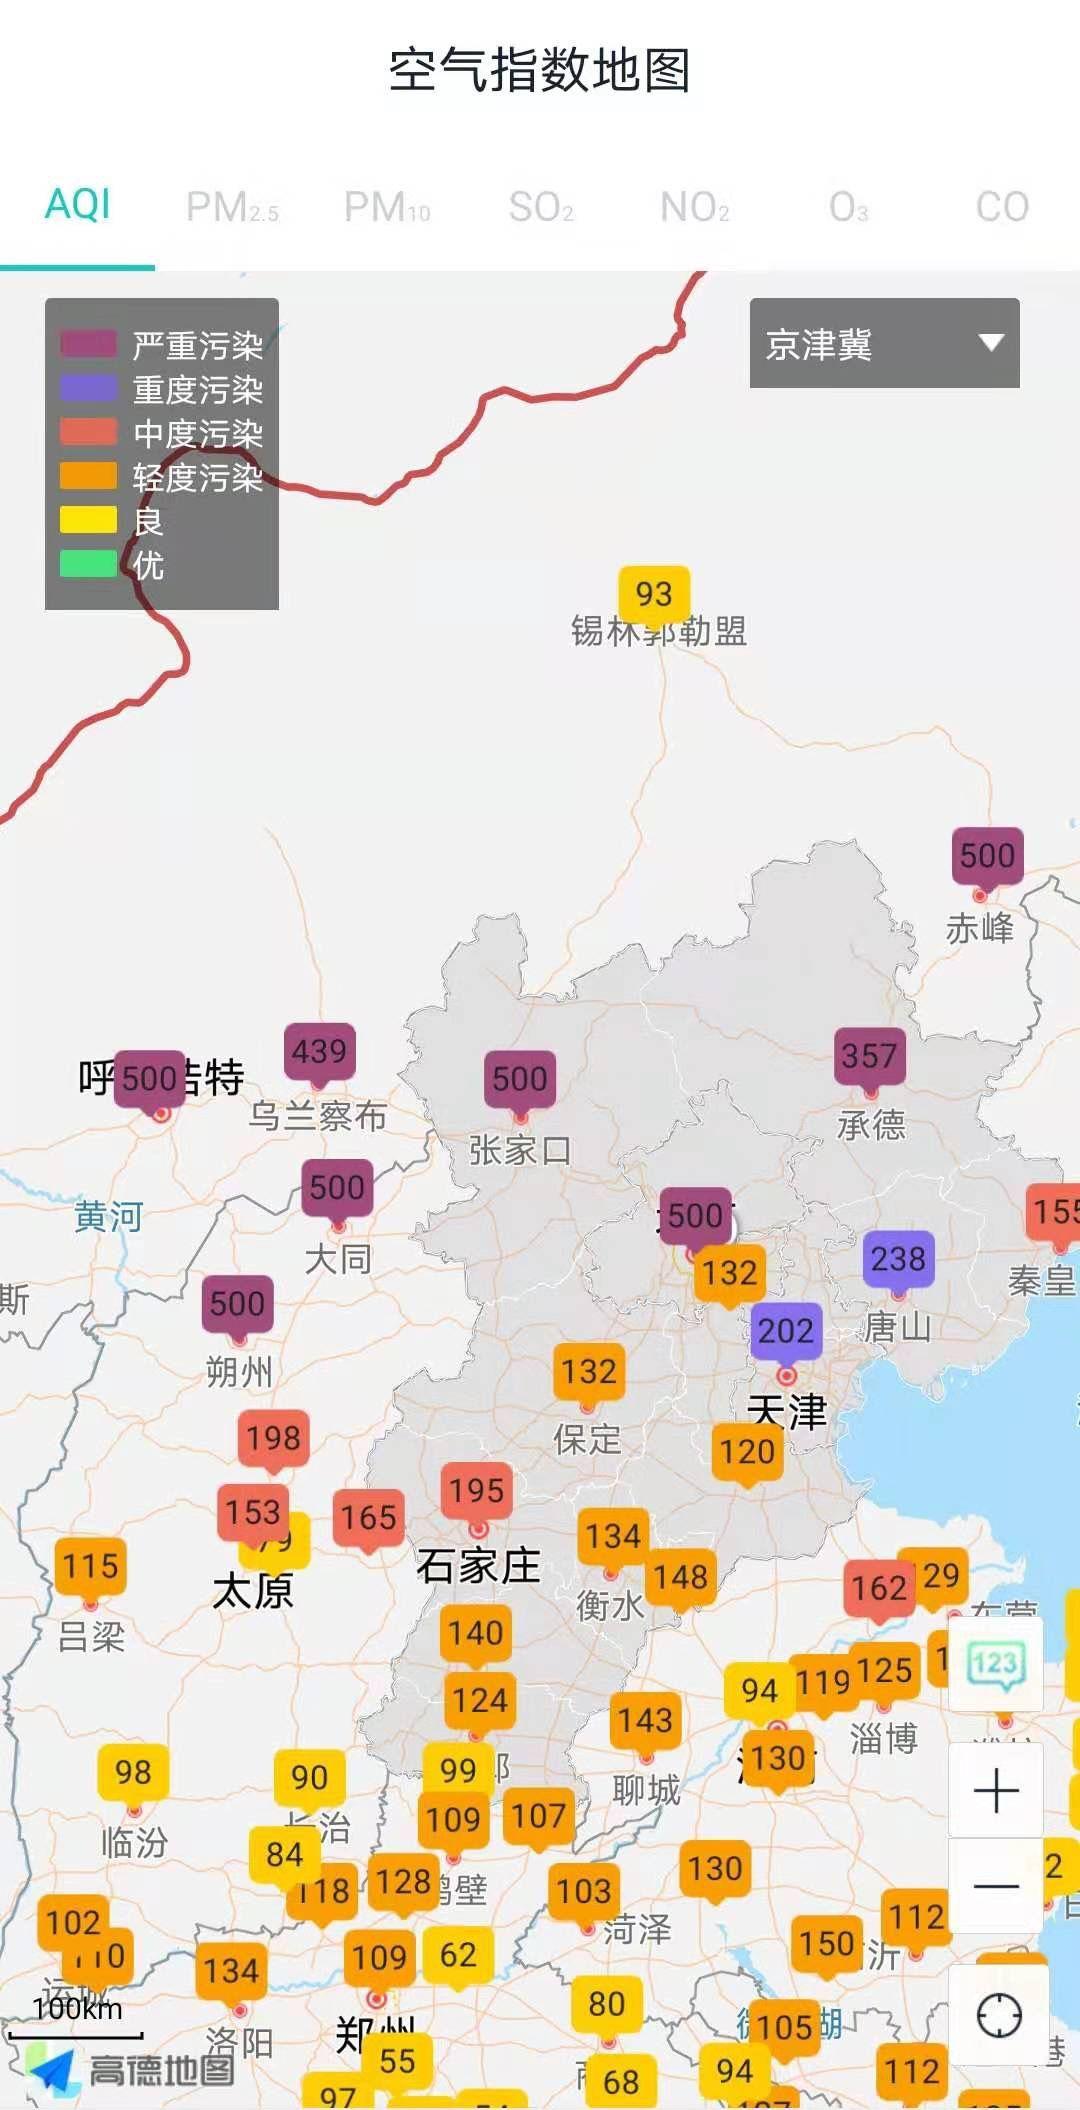 今年最强沙尘来袭,北京部分区域PM10超2000微克每立方米